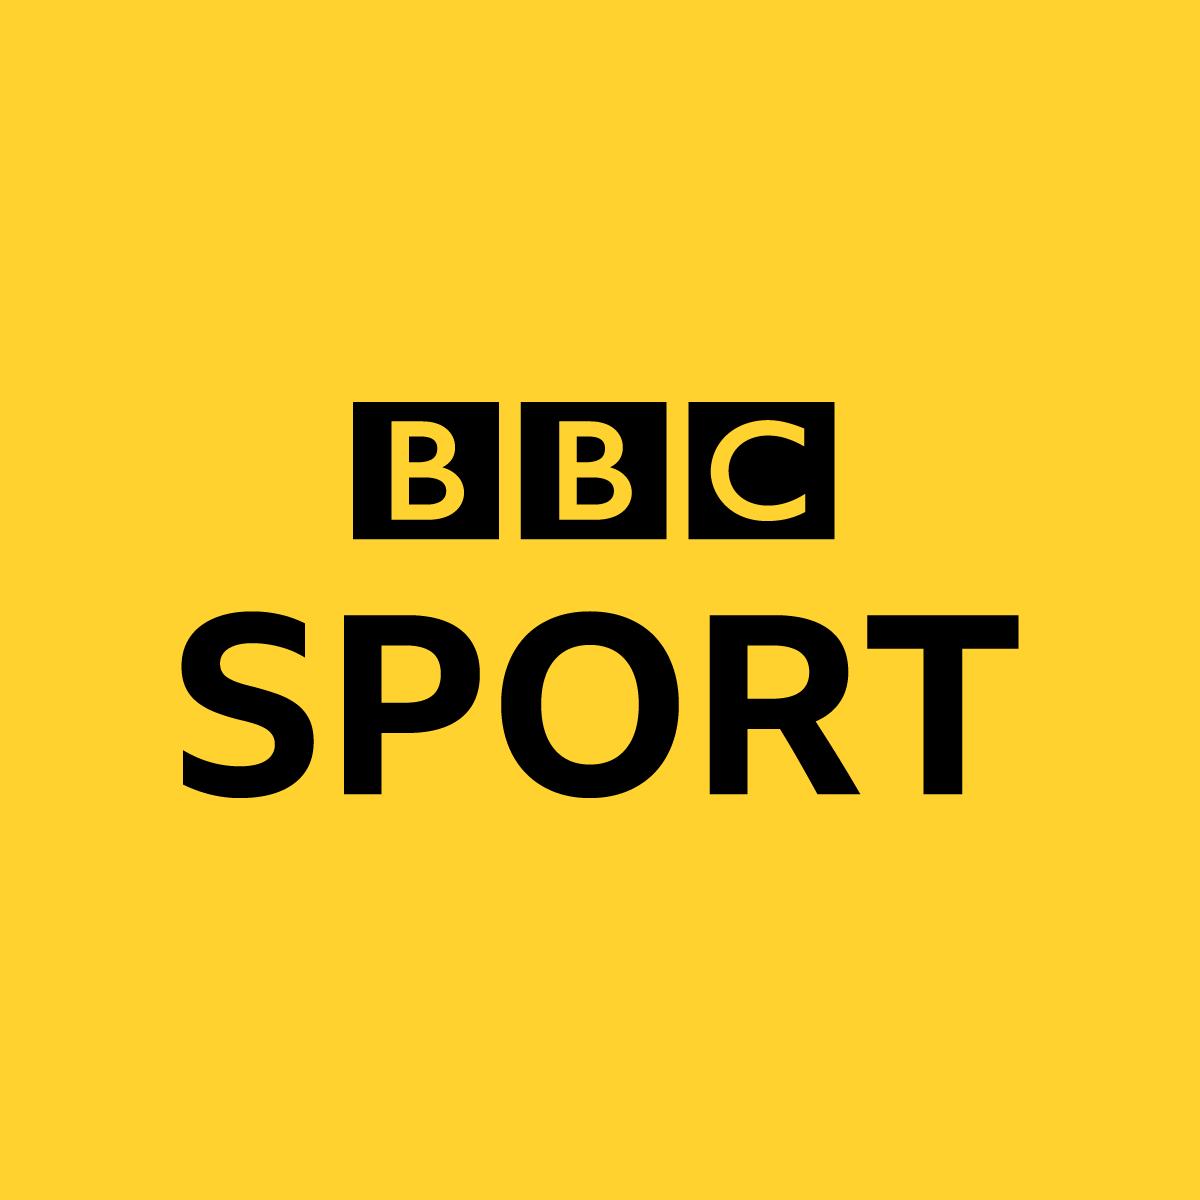 Norwich City 2-3 Chelsea: Small details cost Canaries - Daniel Farke - BBC Sport https://t.co/W3JAF5PTFj https://t.co/R7rPhwT0xk